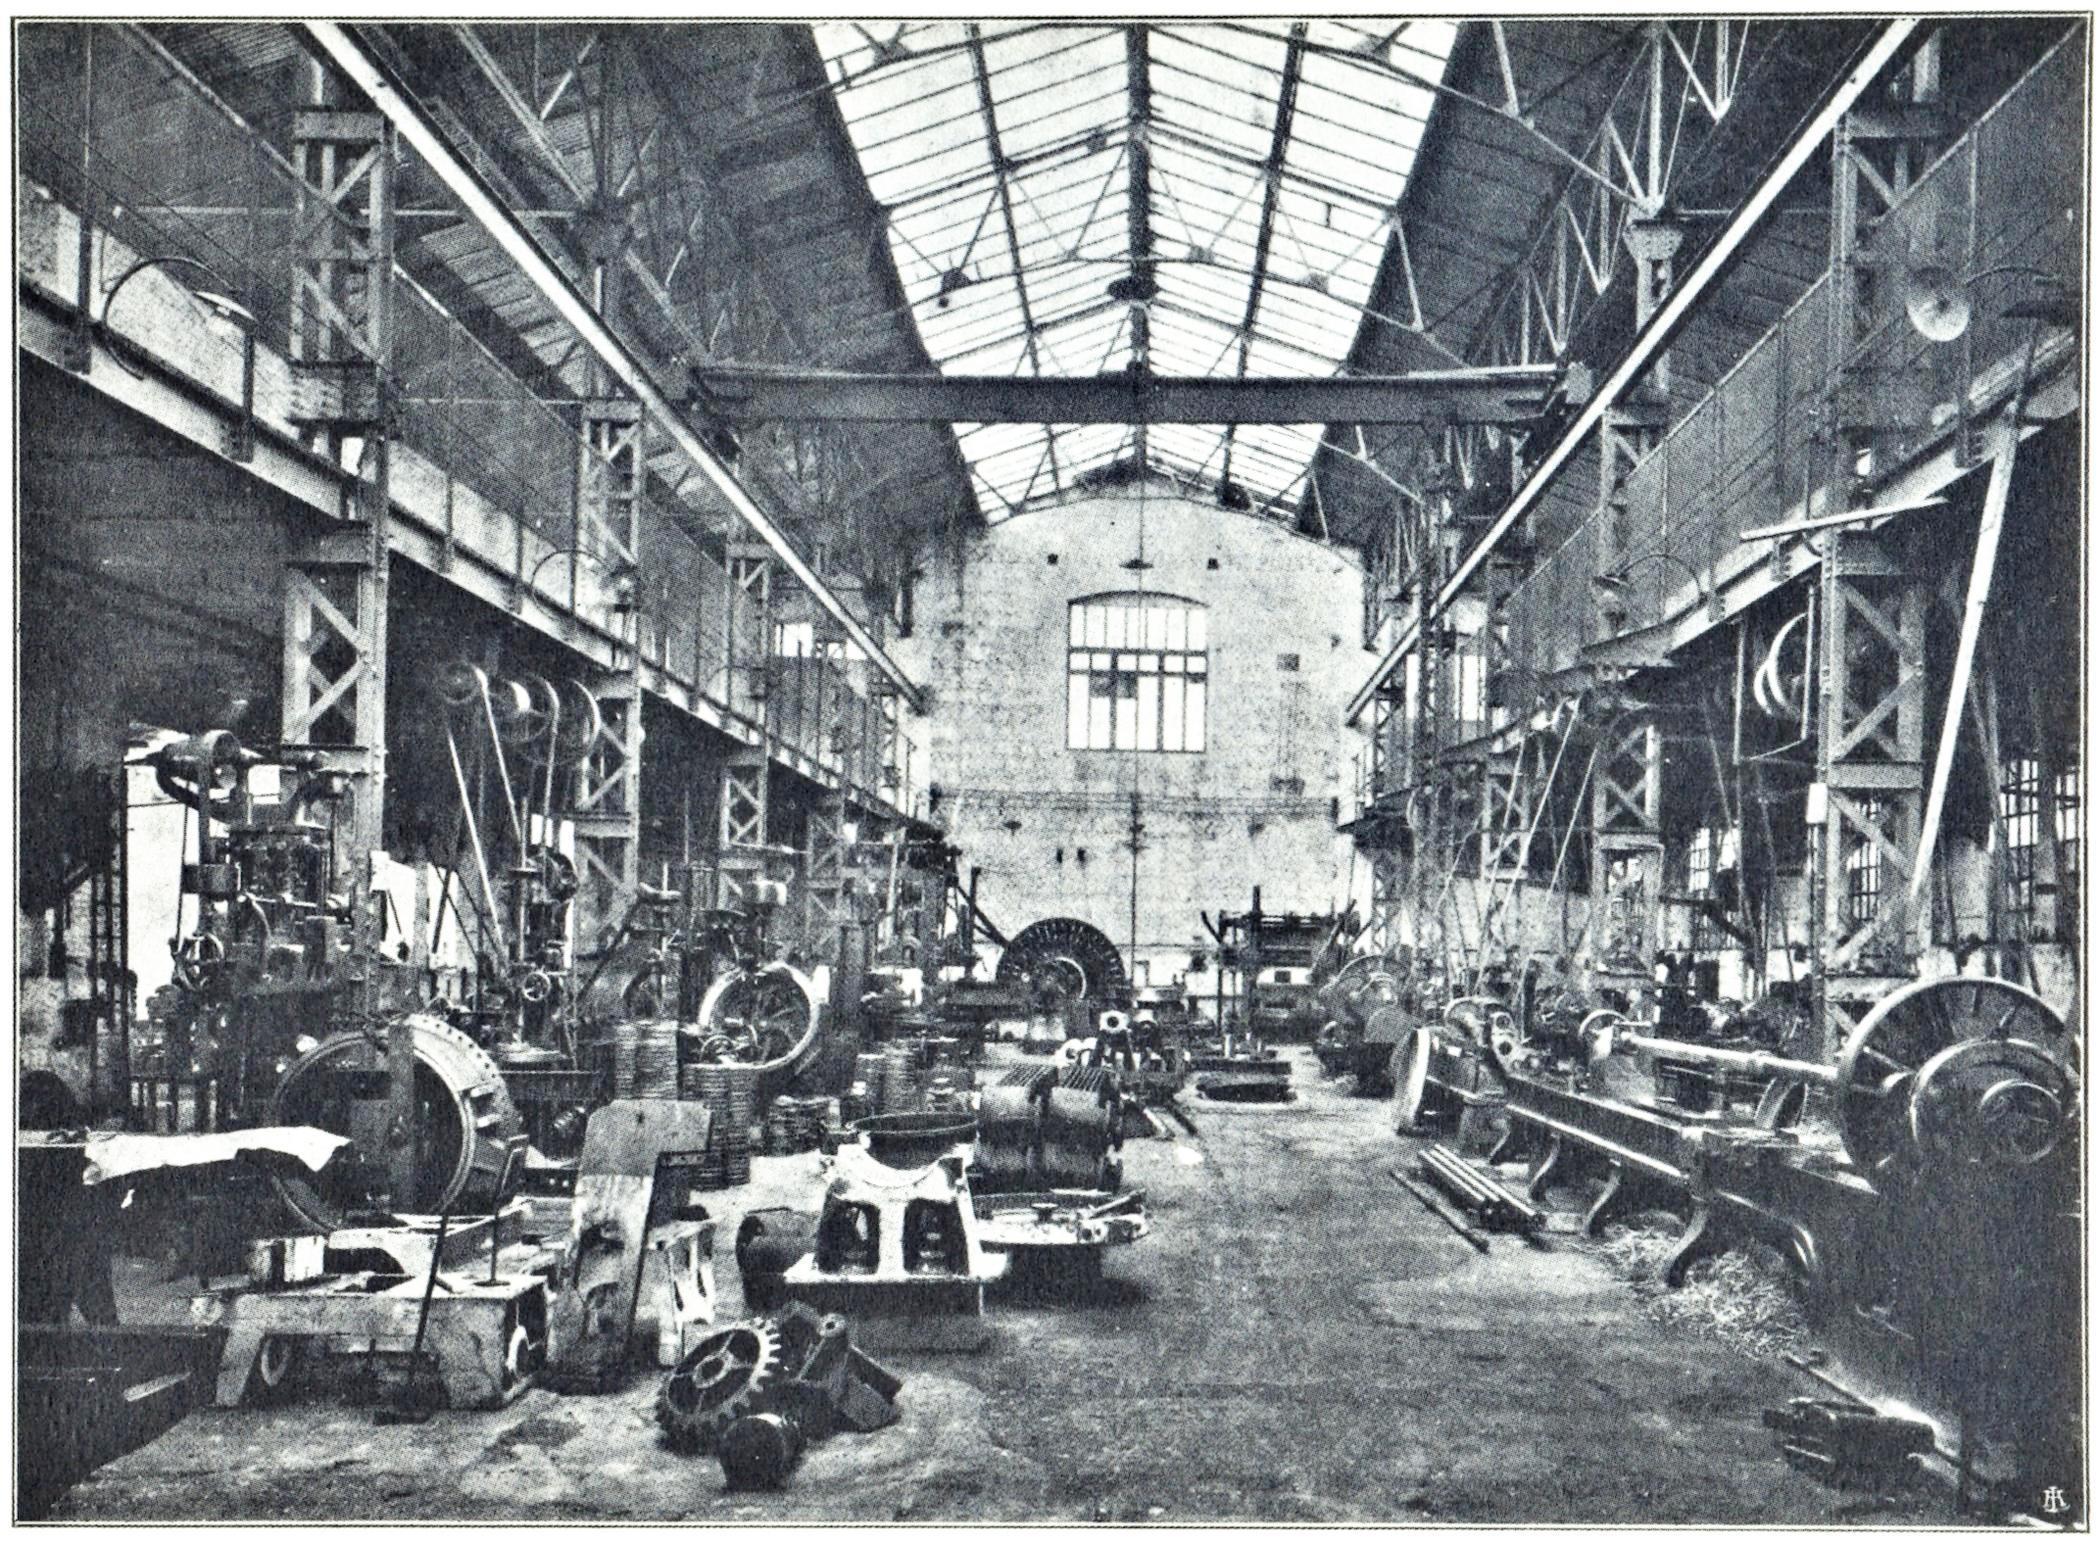 Officine di Battaglia, reparto Meccanica (1925).